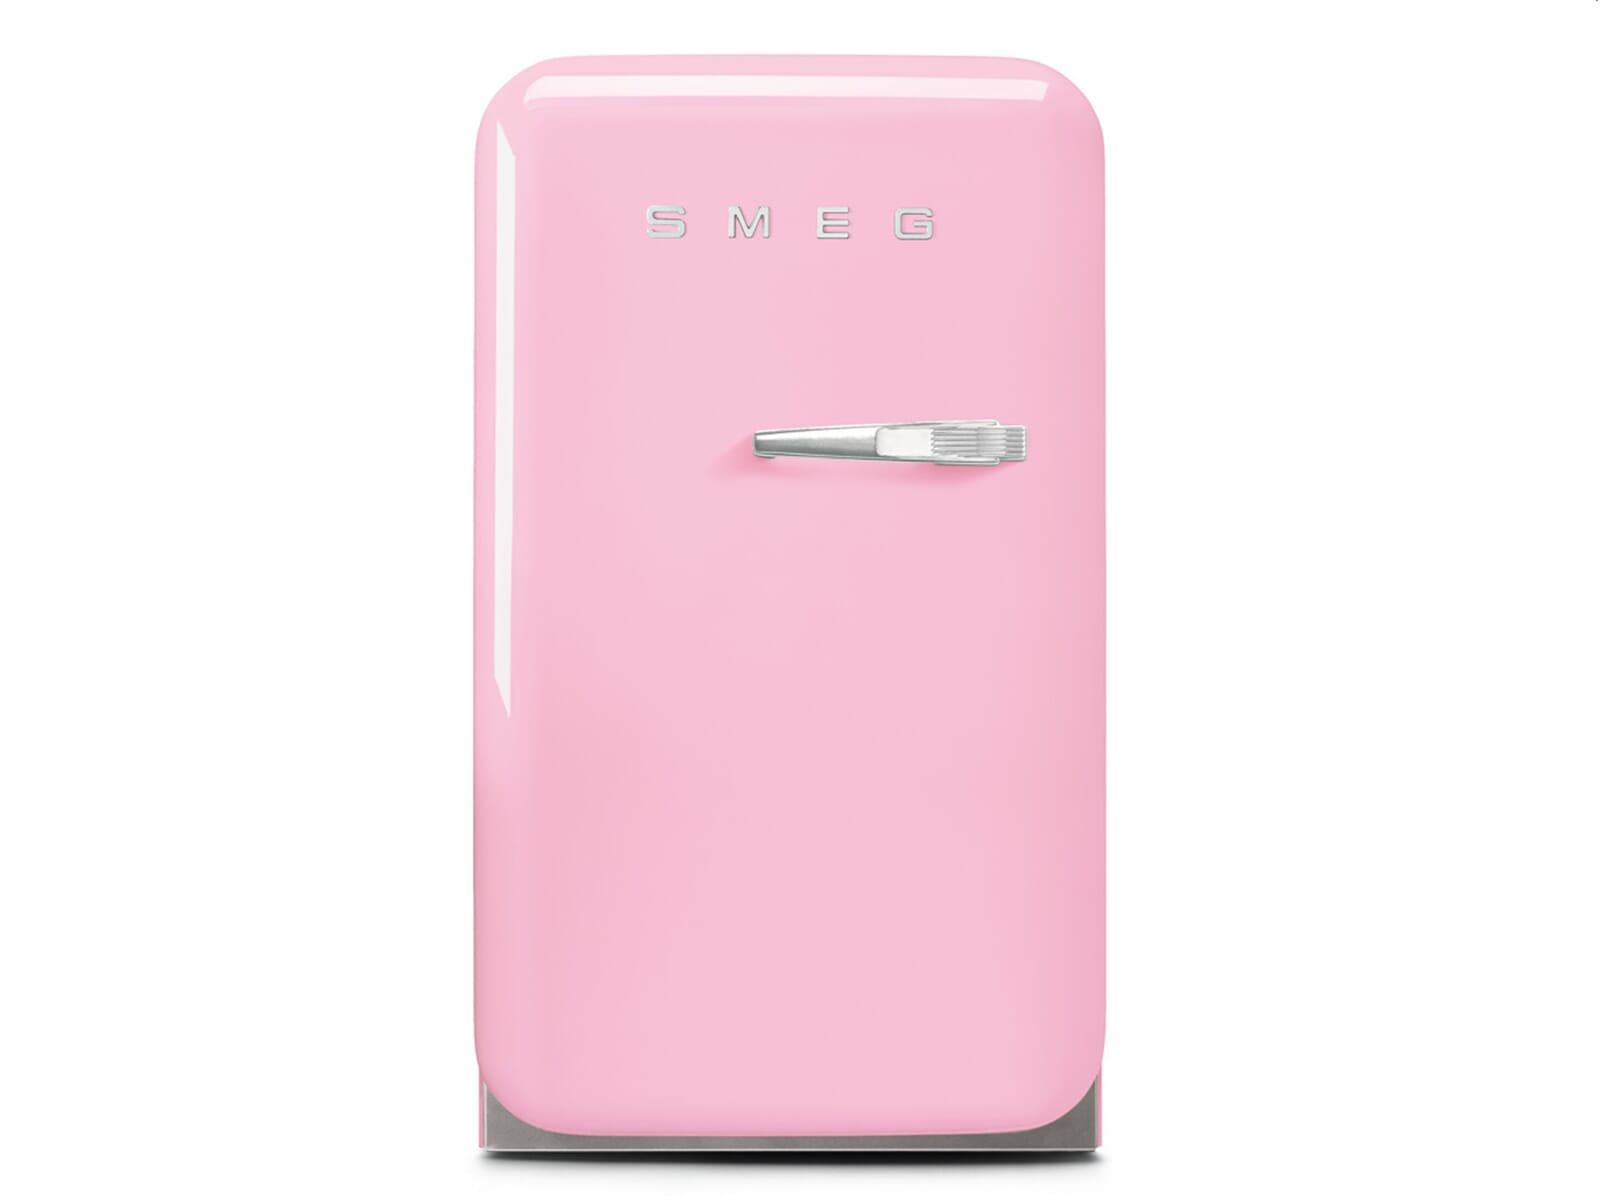 Smeg Kühlschrank Rosa : Smeg kühlschrank cadillac pink american fridges are trendy and